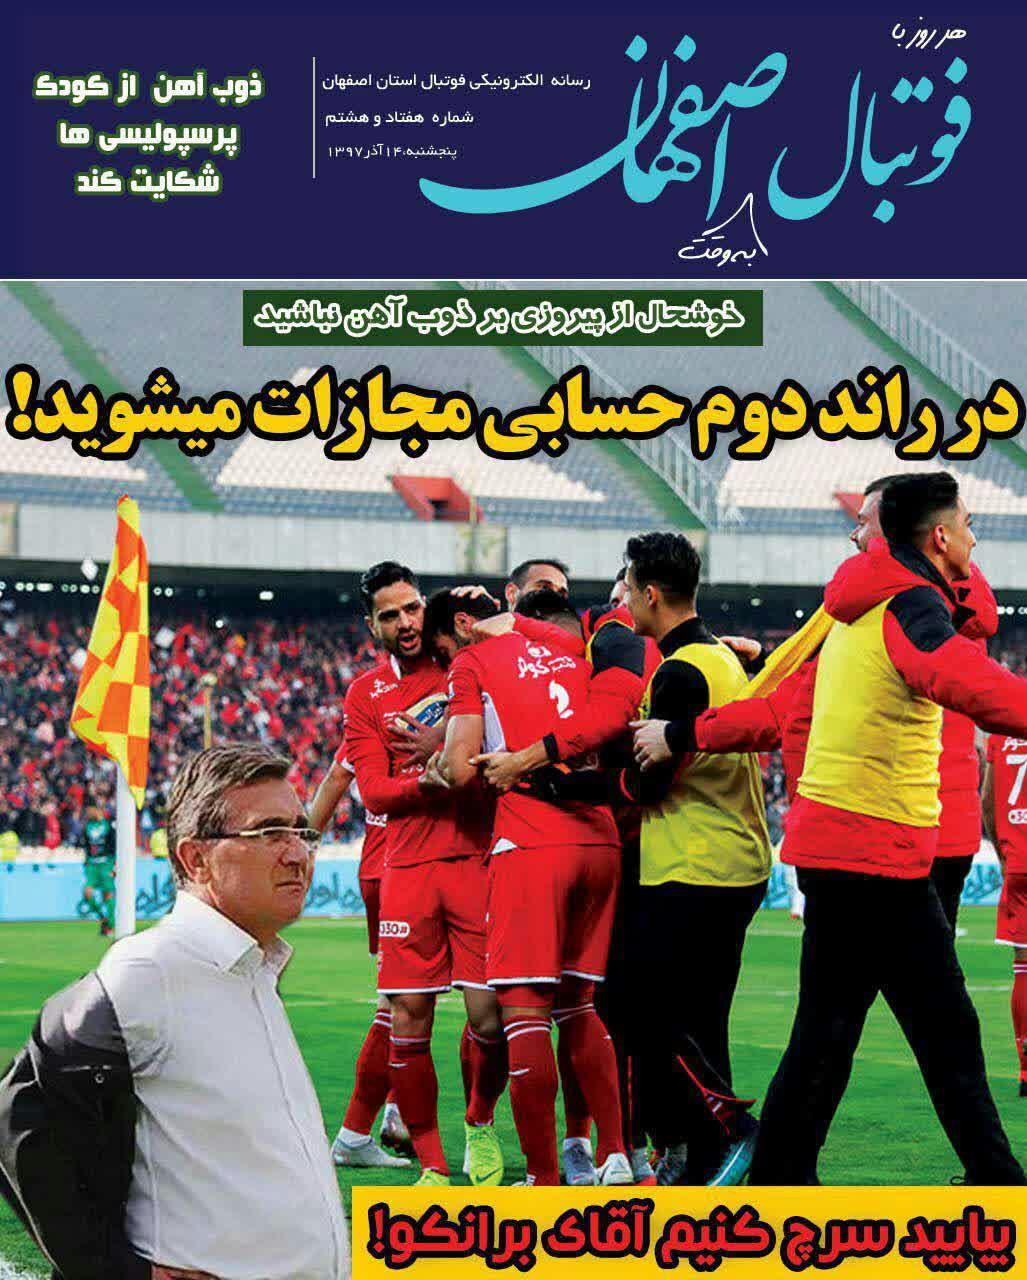 عناوین روزنامههای ورزشی ۱۵ آذر ۹۷/ پرسپولیس شجاع در دو قدمی صدر +تصاویر